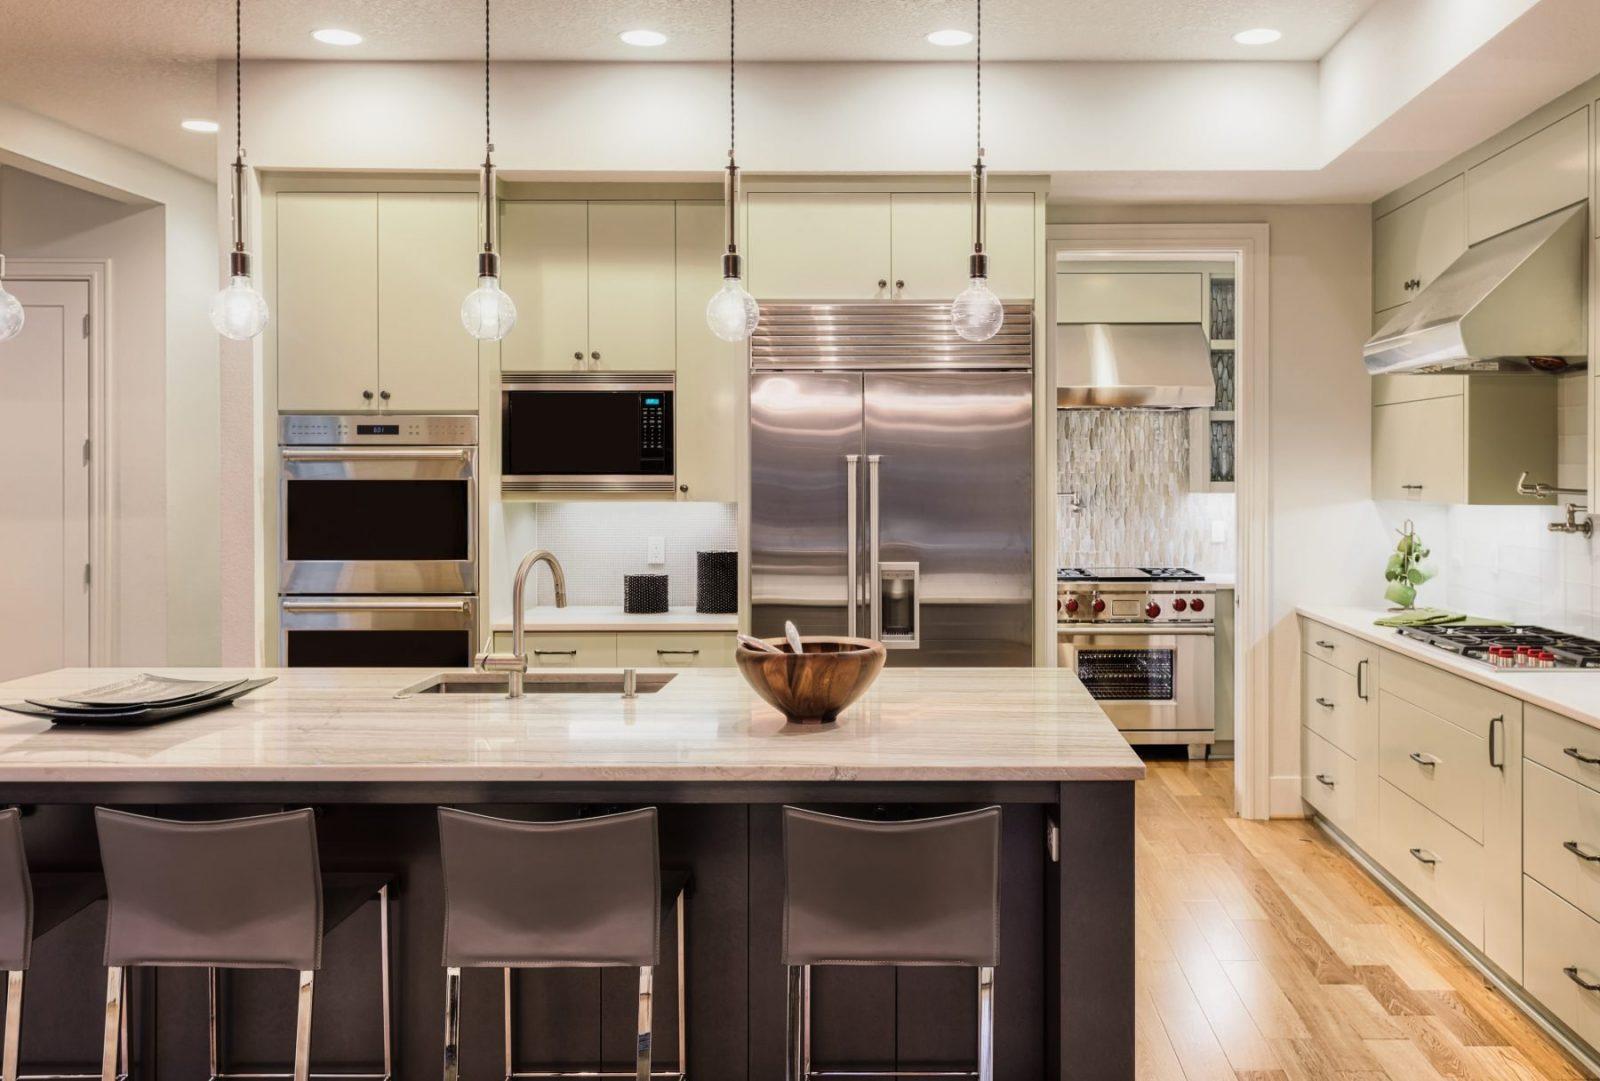 Kitchen Cabinets Ottawa - Custom Kitchen Design | KitchenInteriors.ca